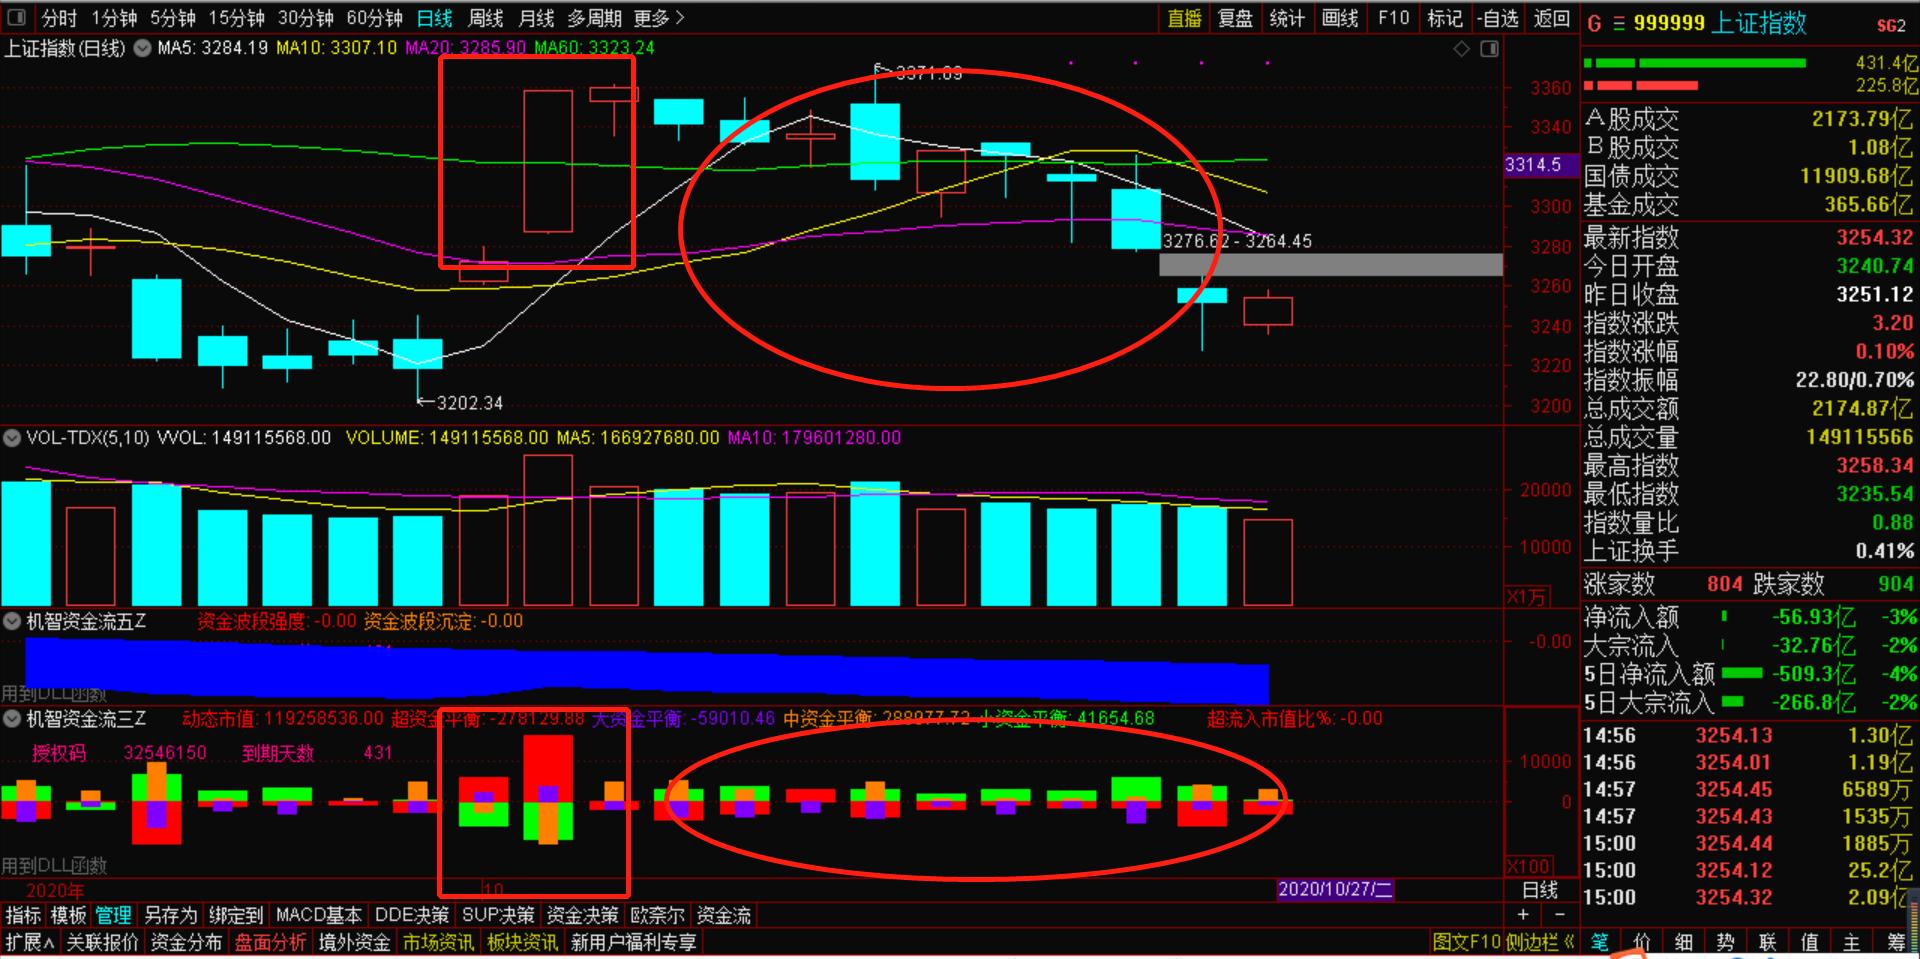 10月28号机智资金流|A股10连跌后的小阳线,何时能止跌企稳?